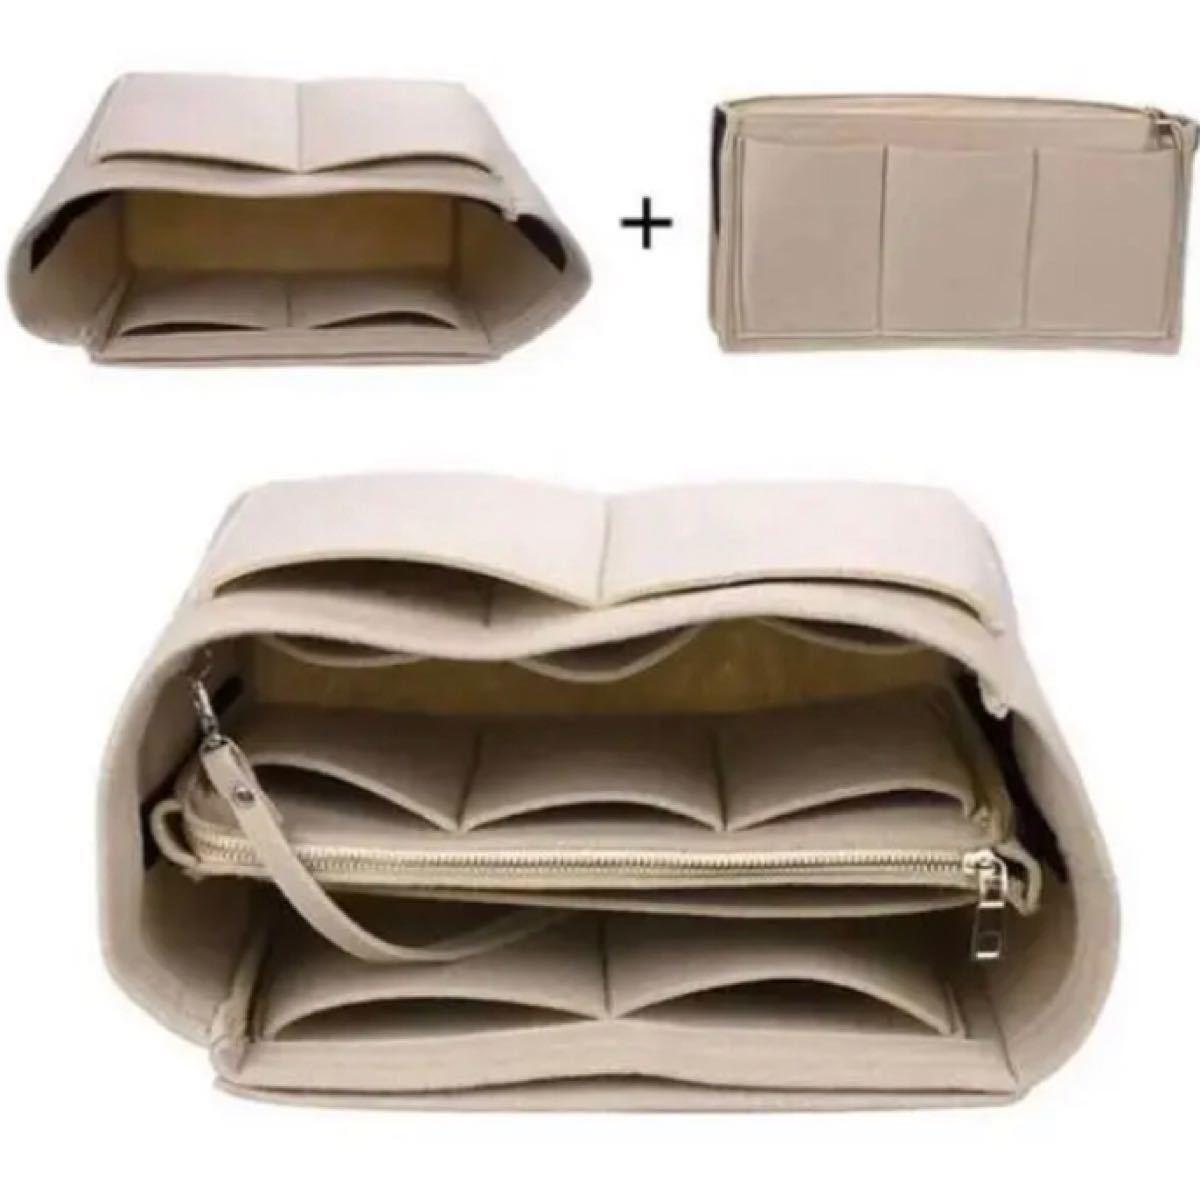 バックインバック フェルト 鞄 軽量 インナーバッグ レッド sサイズ